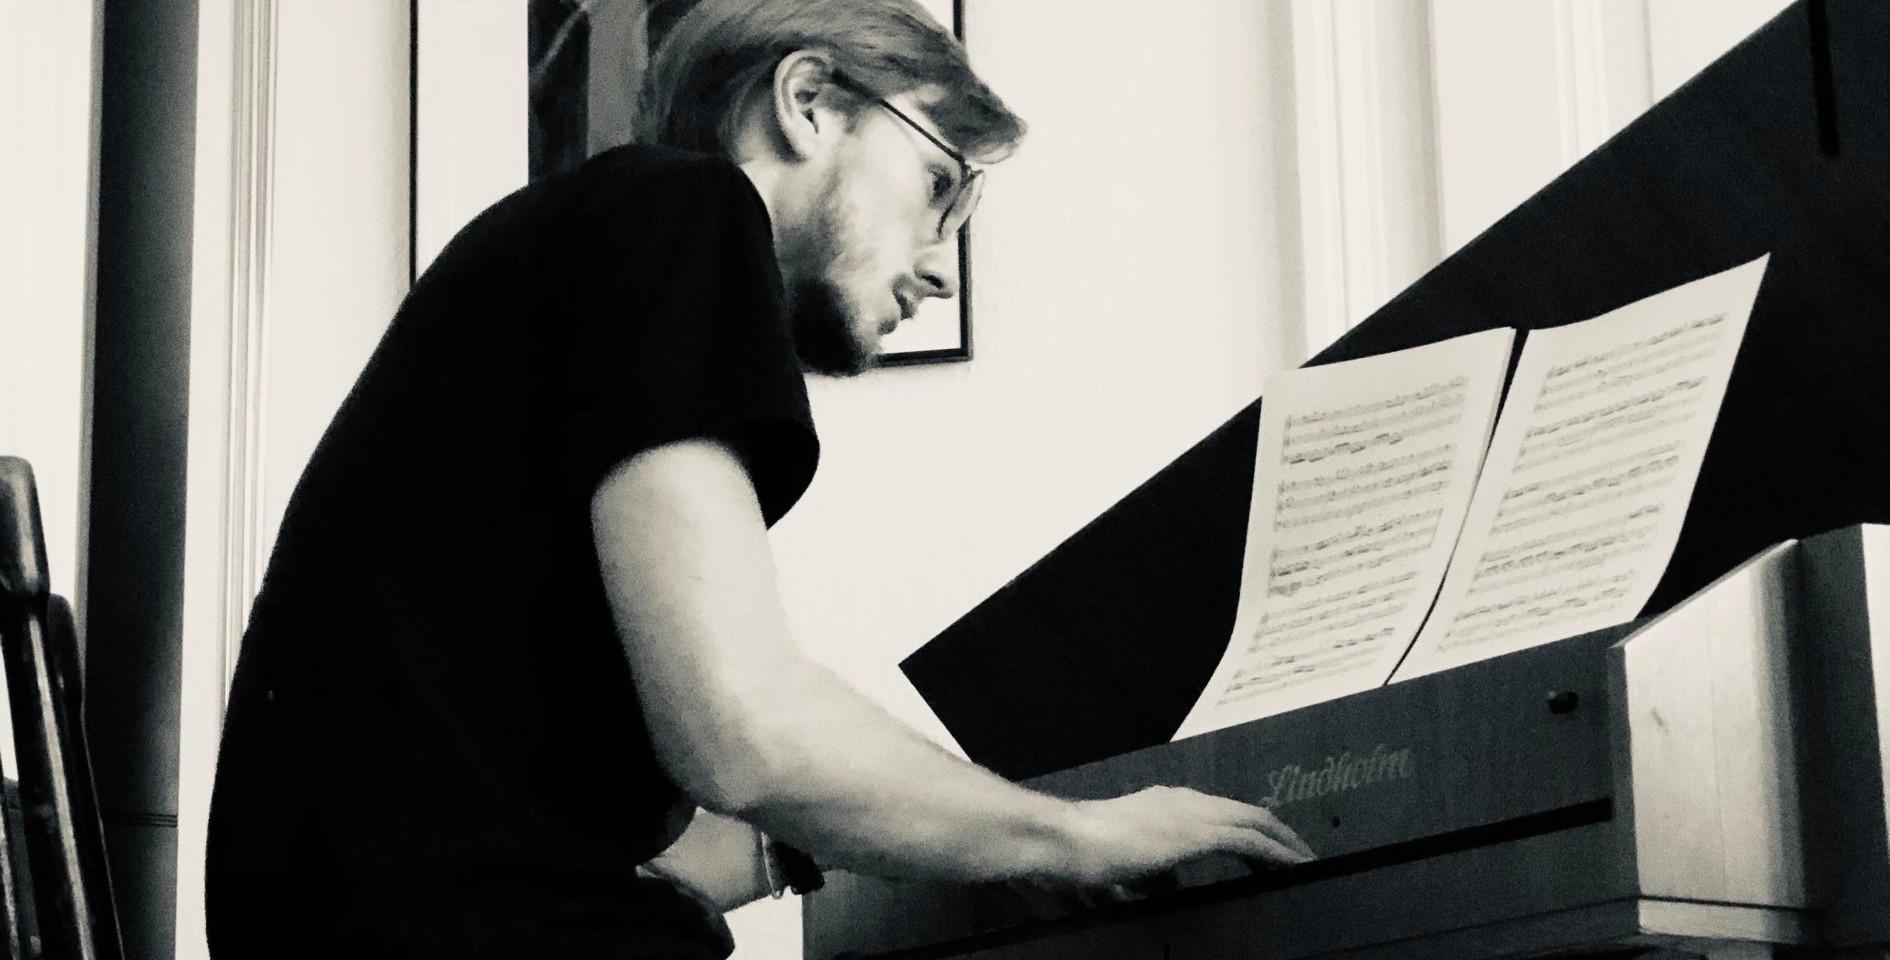 Adam Piotr Rorat